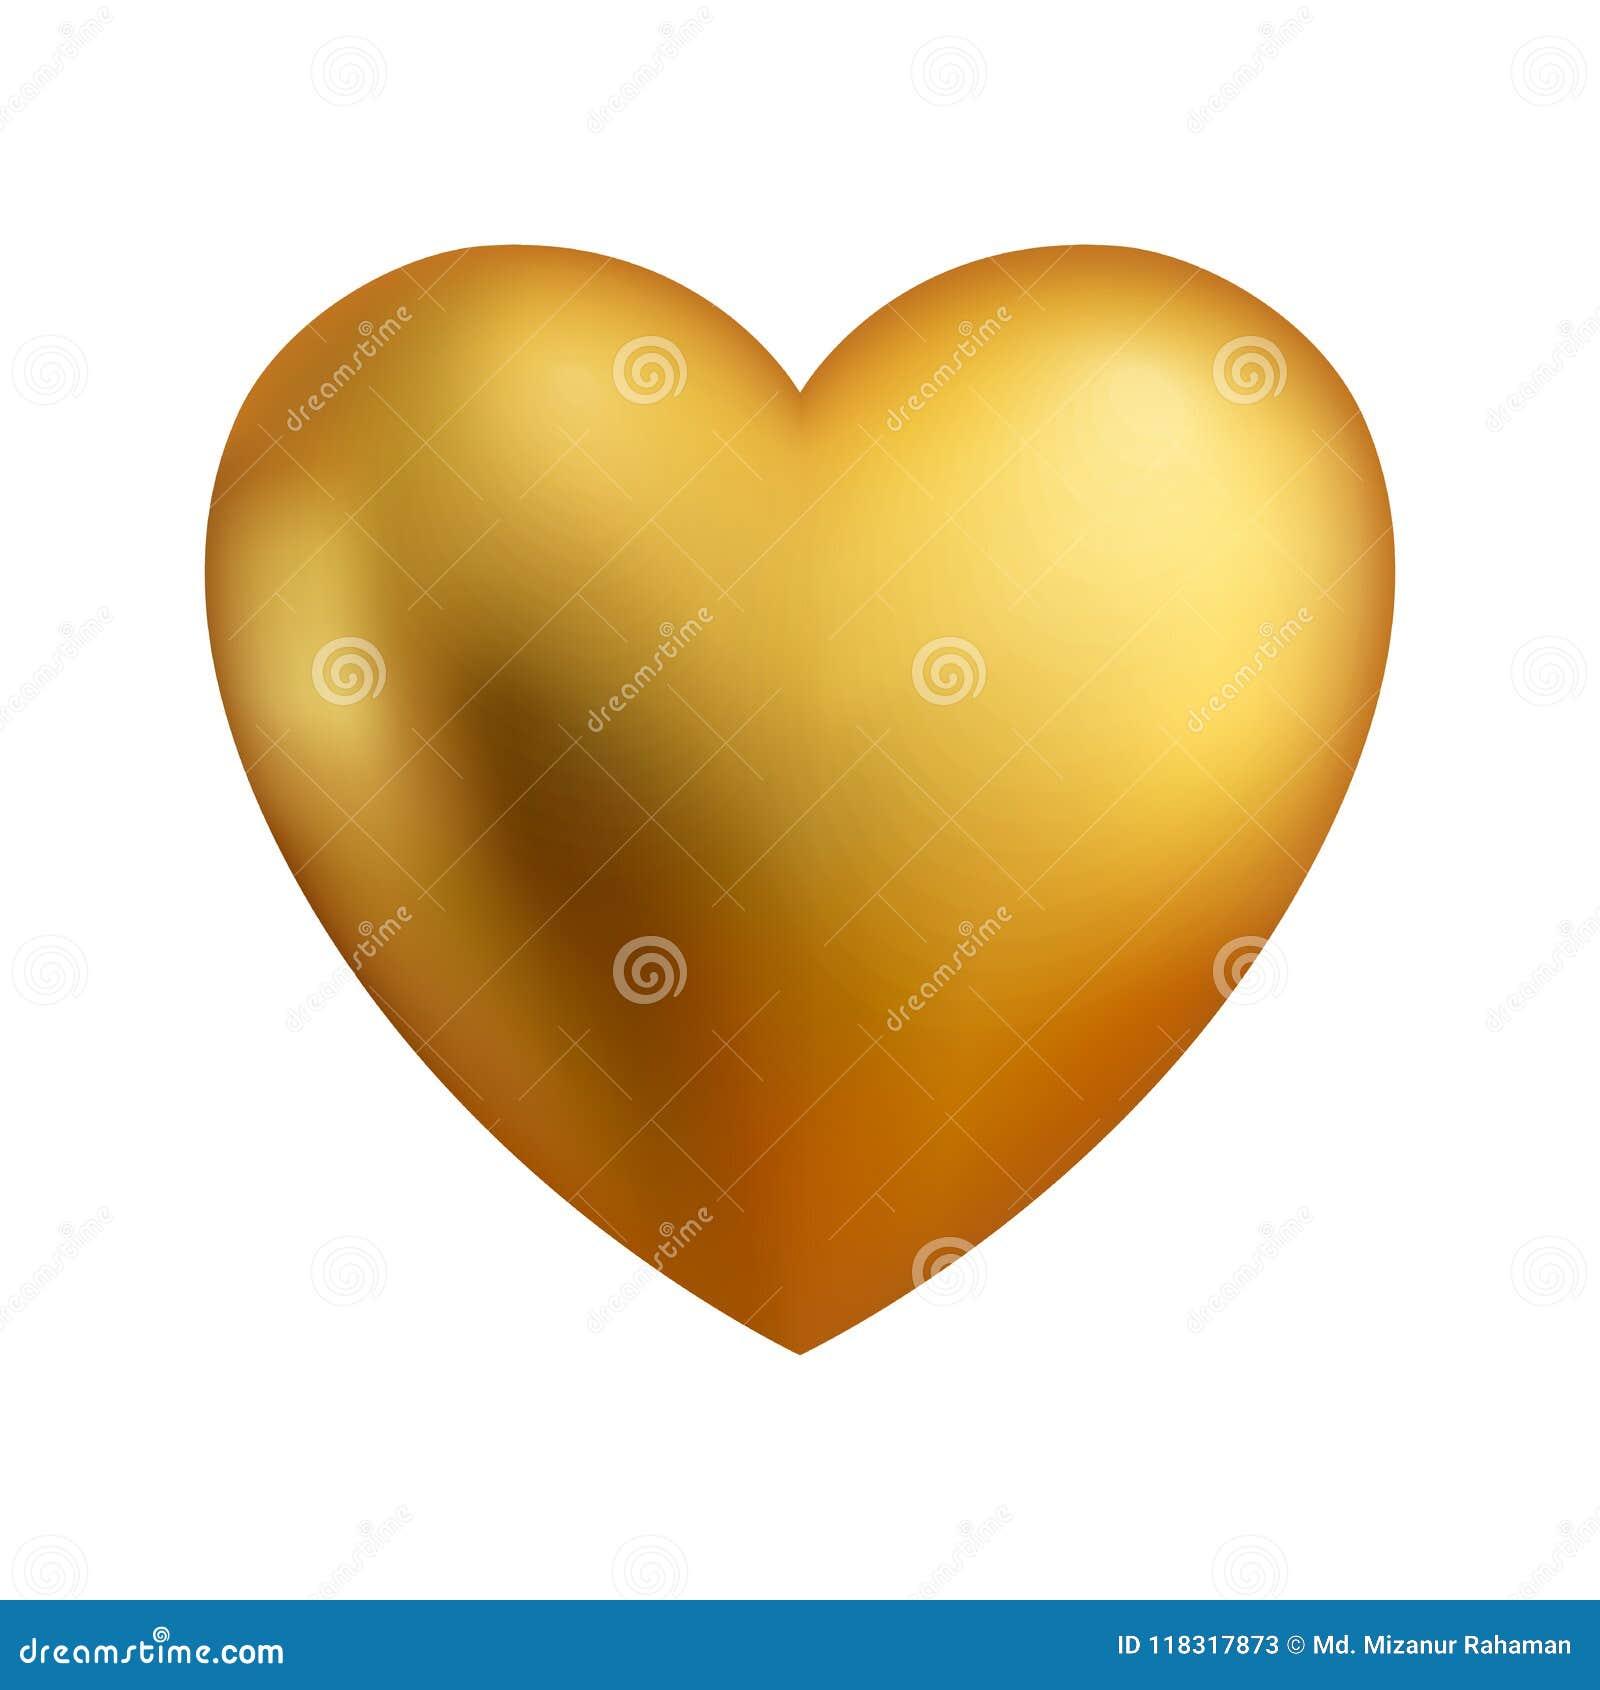 Ilustrações lustrosas vermelhas do vetor do coração O coração como um símbolo do amor